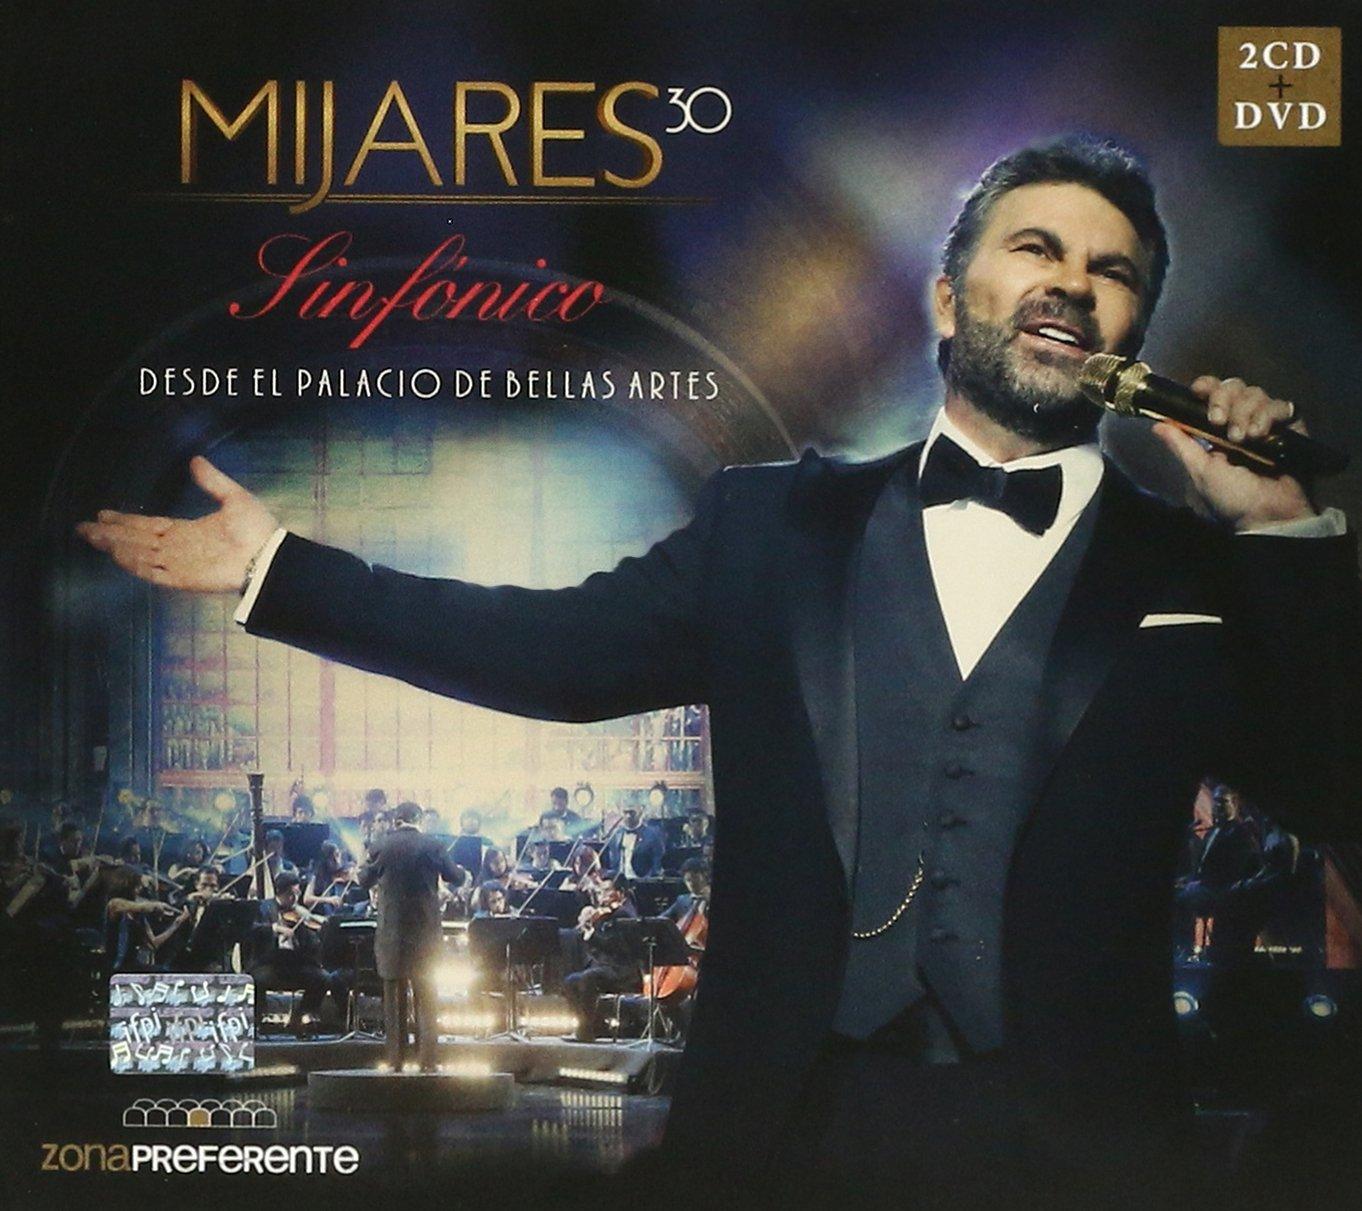 CD : Mijares  -30 Sinfonico Desde El Palacio De Bellas Artes